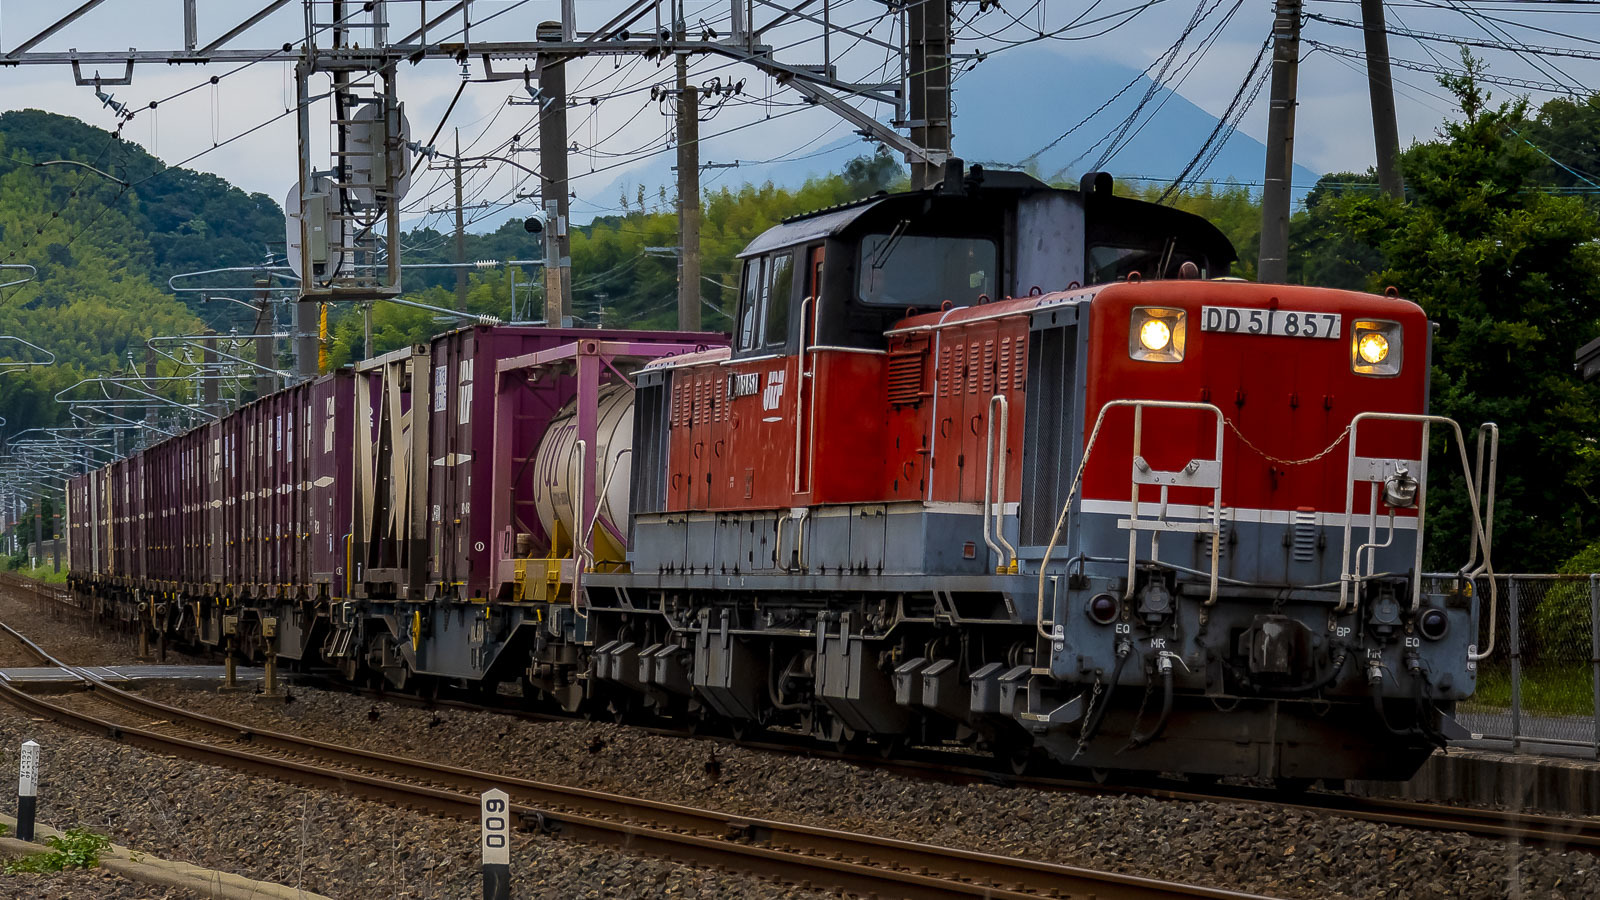 貨物列車は何を運んでいるのかを読んで、ひとしきり考えた。_b0029315_00011152.jpg